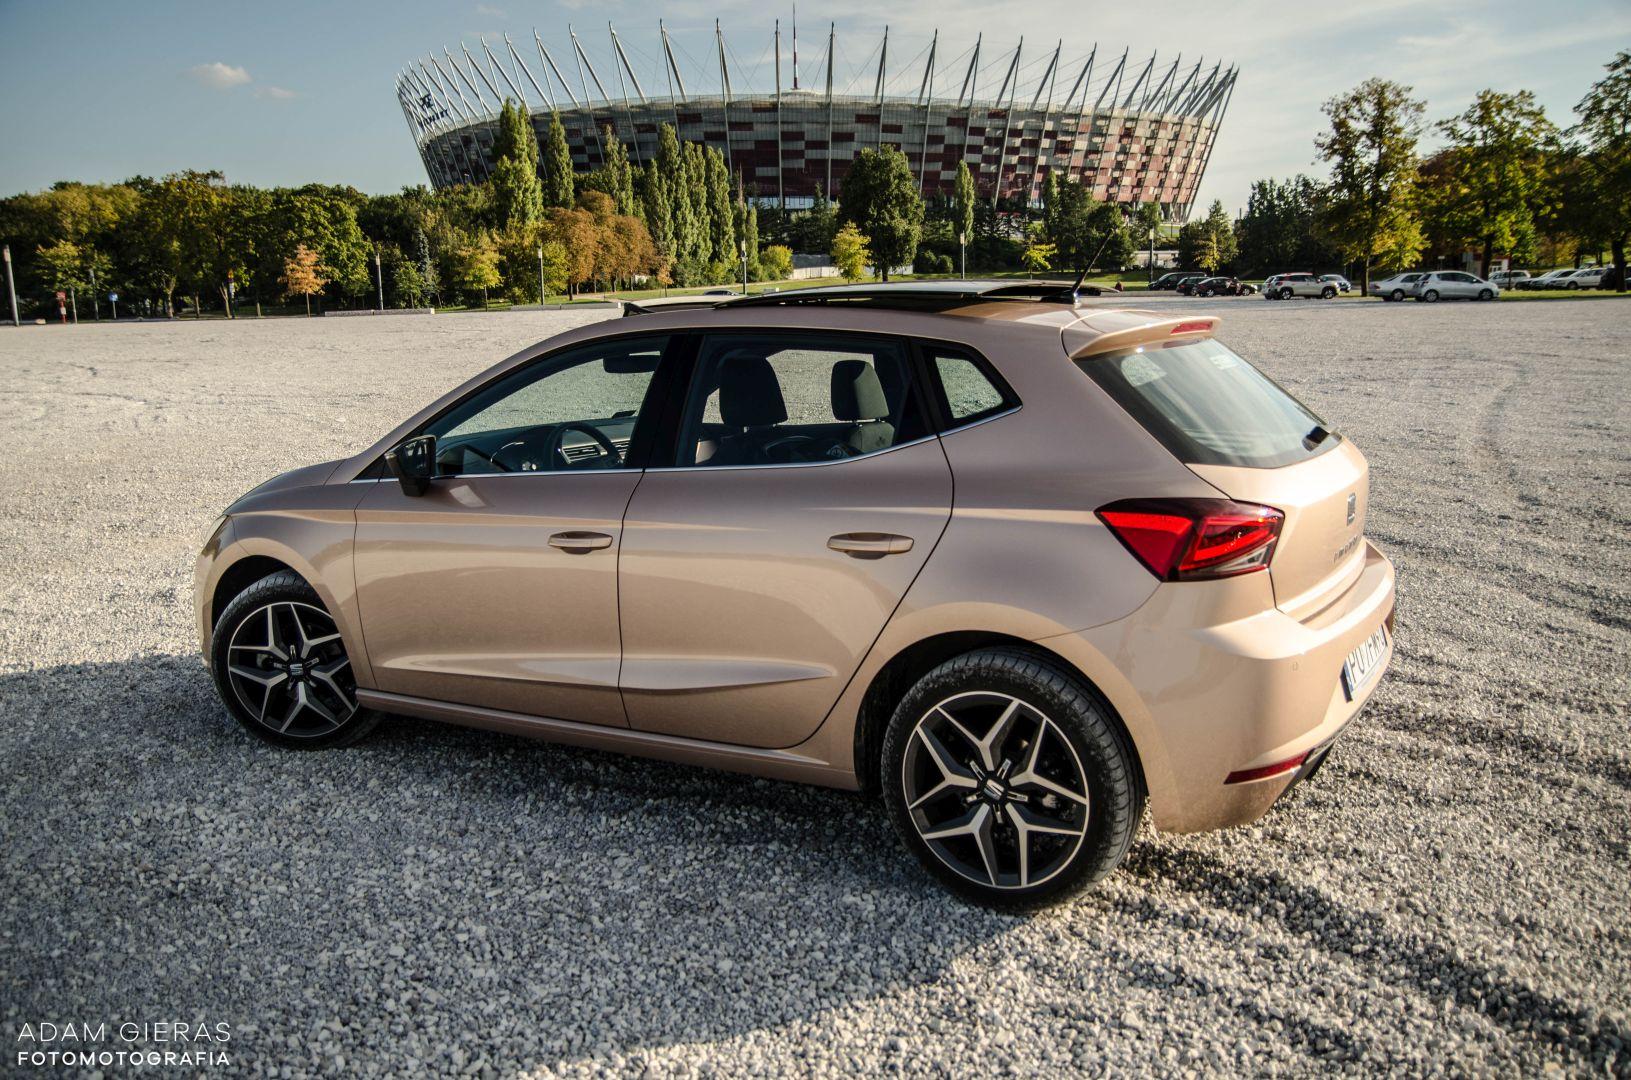 ibiza 27 Test: Seat Ibiza Xcellence 1.0 115 KM DSG   mniejszy Leon?